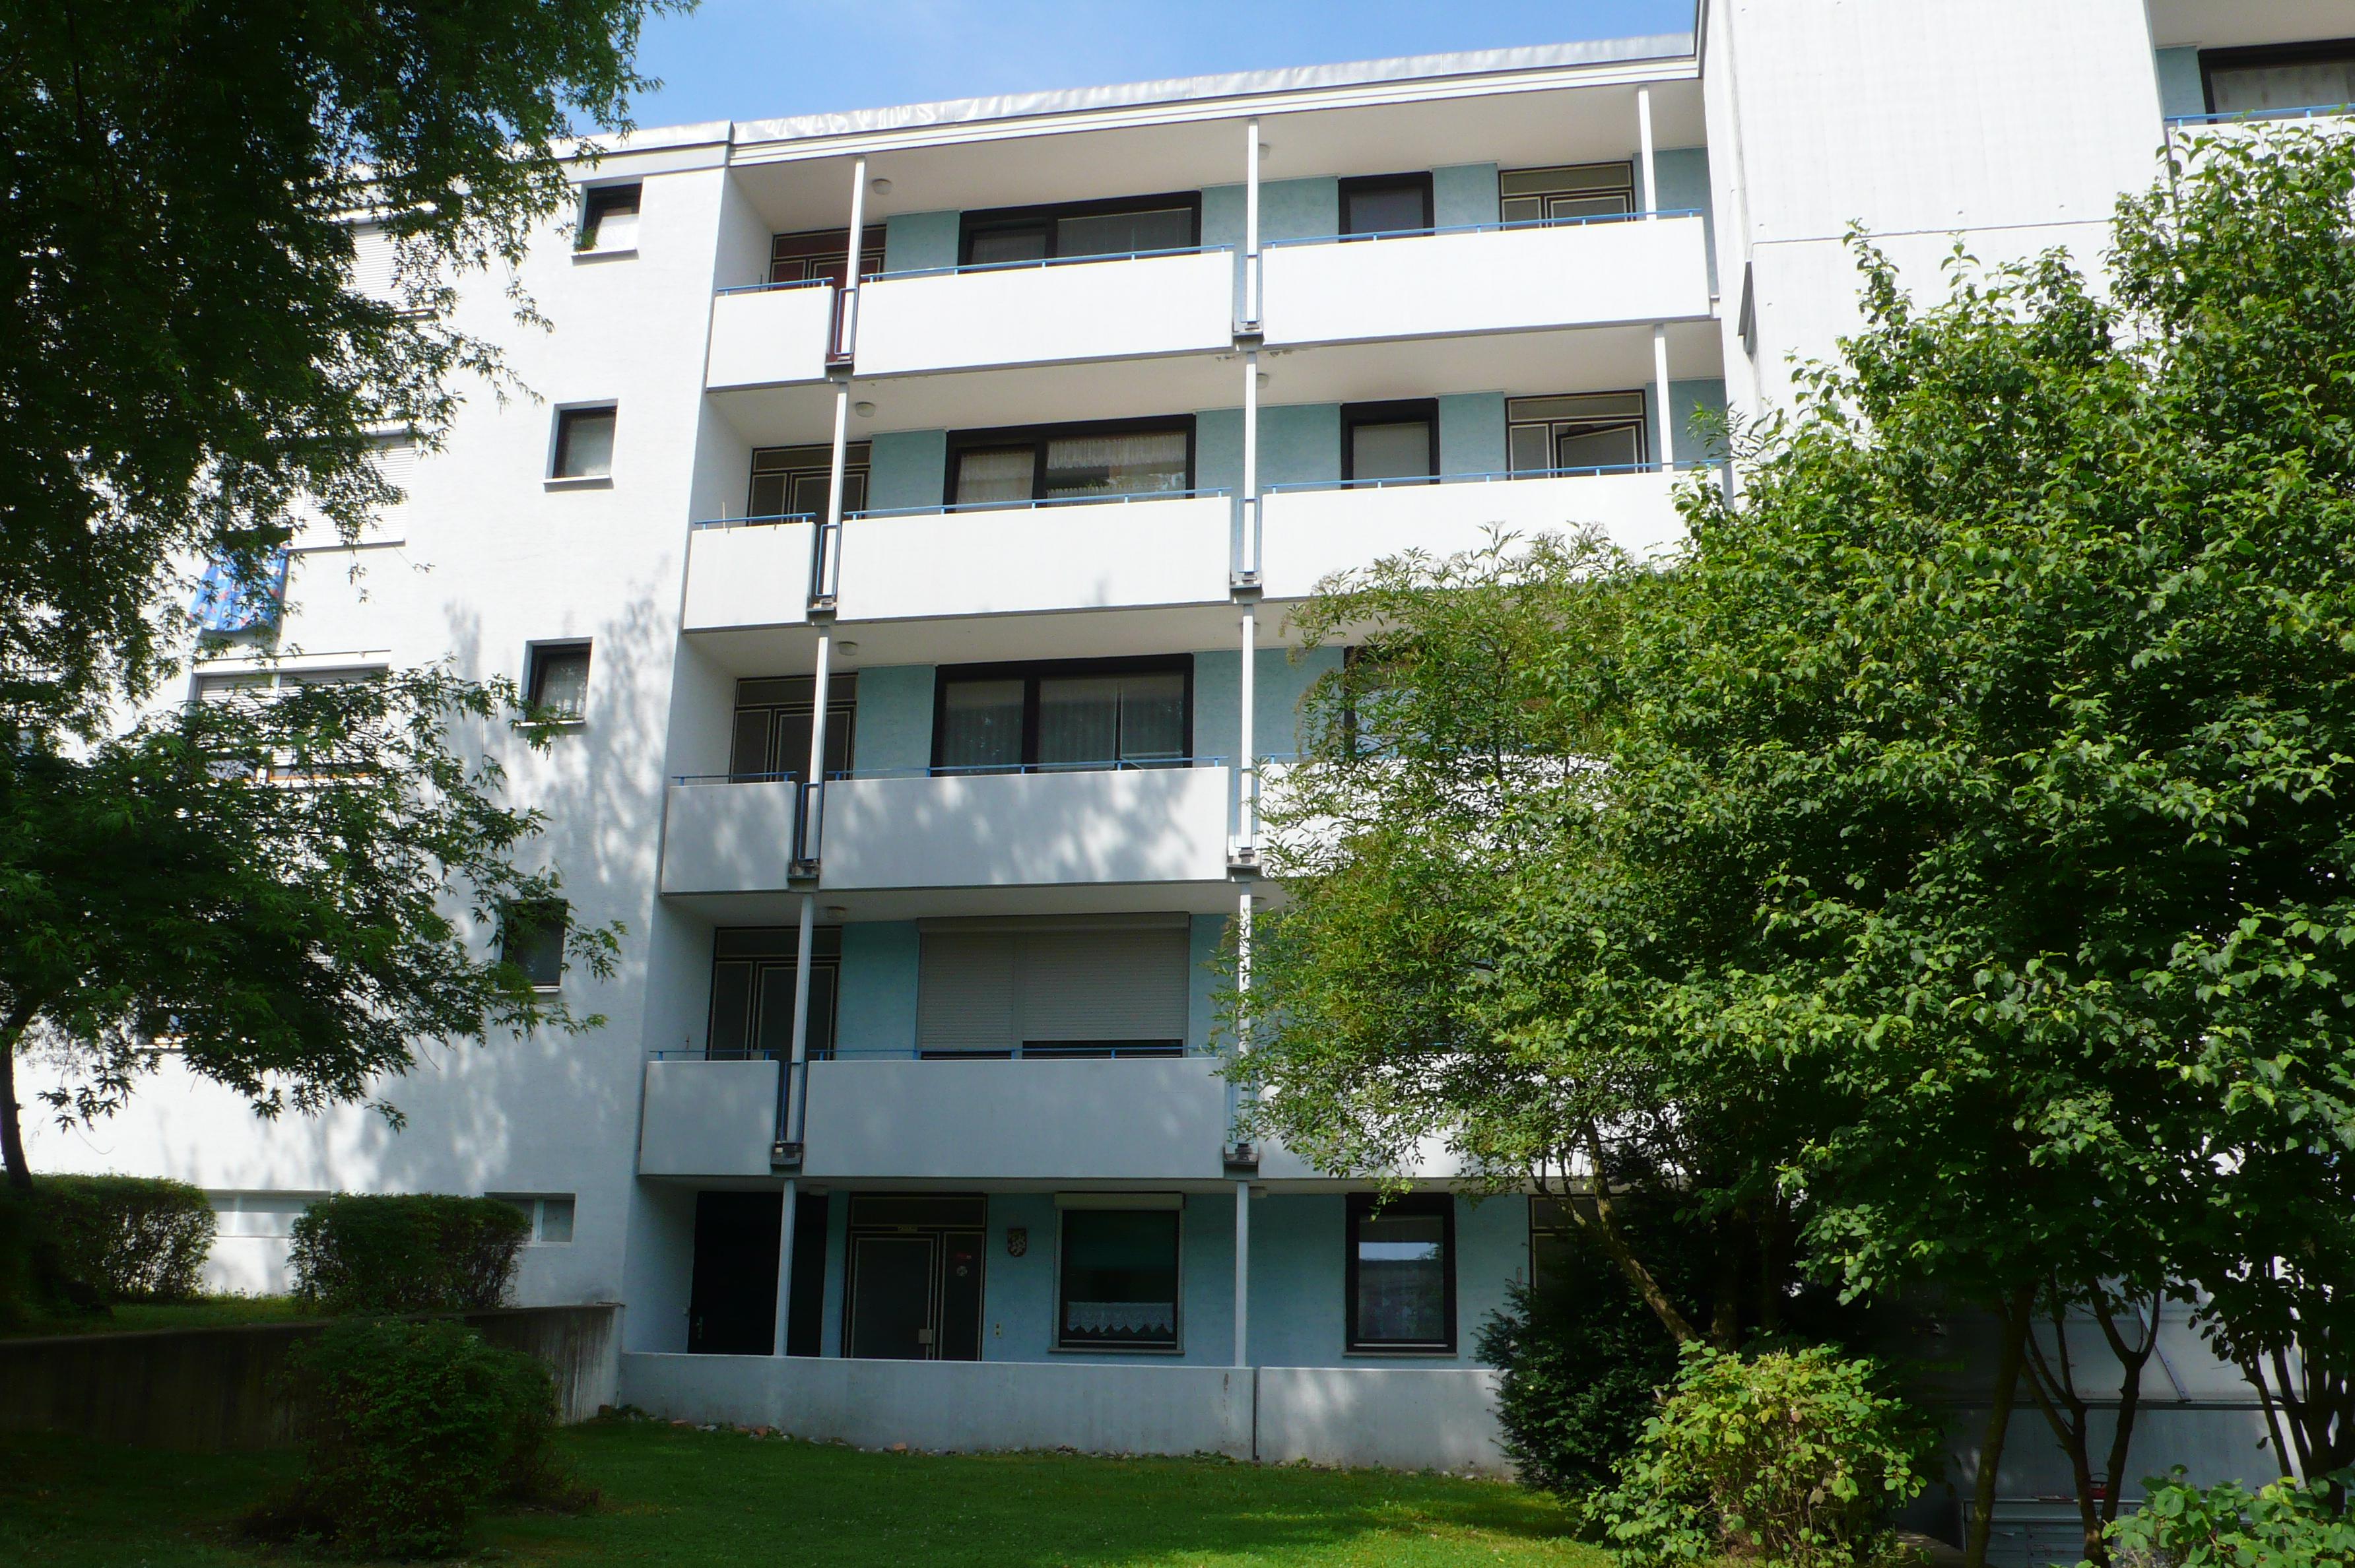 P1000344 - Alle BGW-Häuser